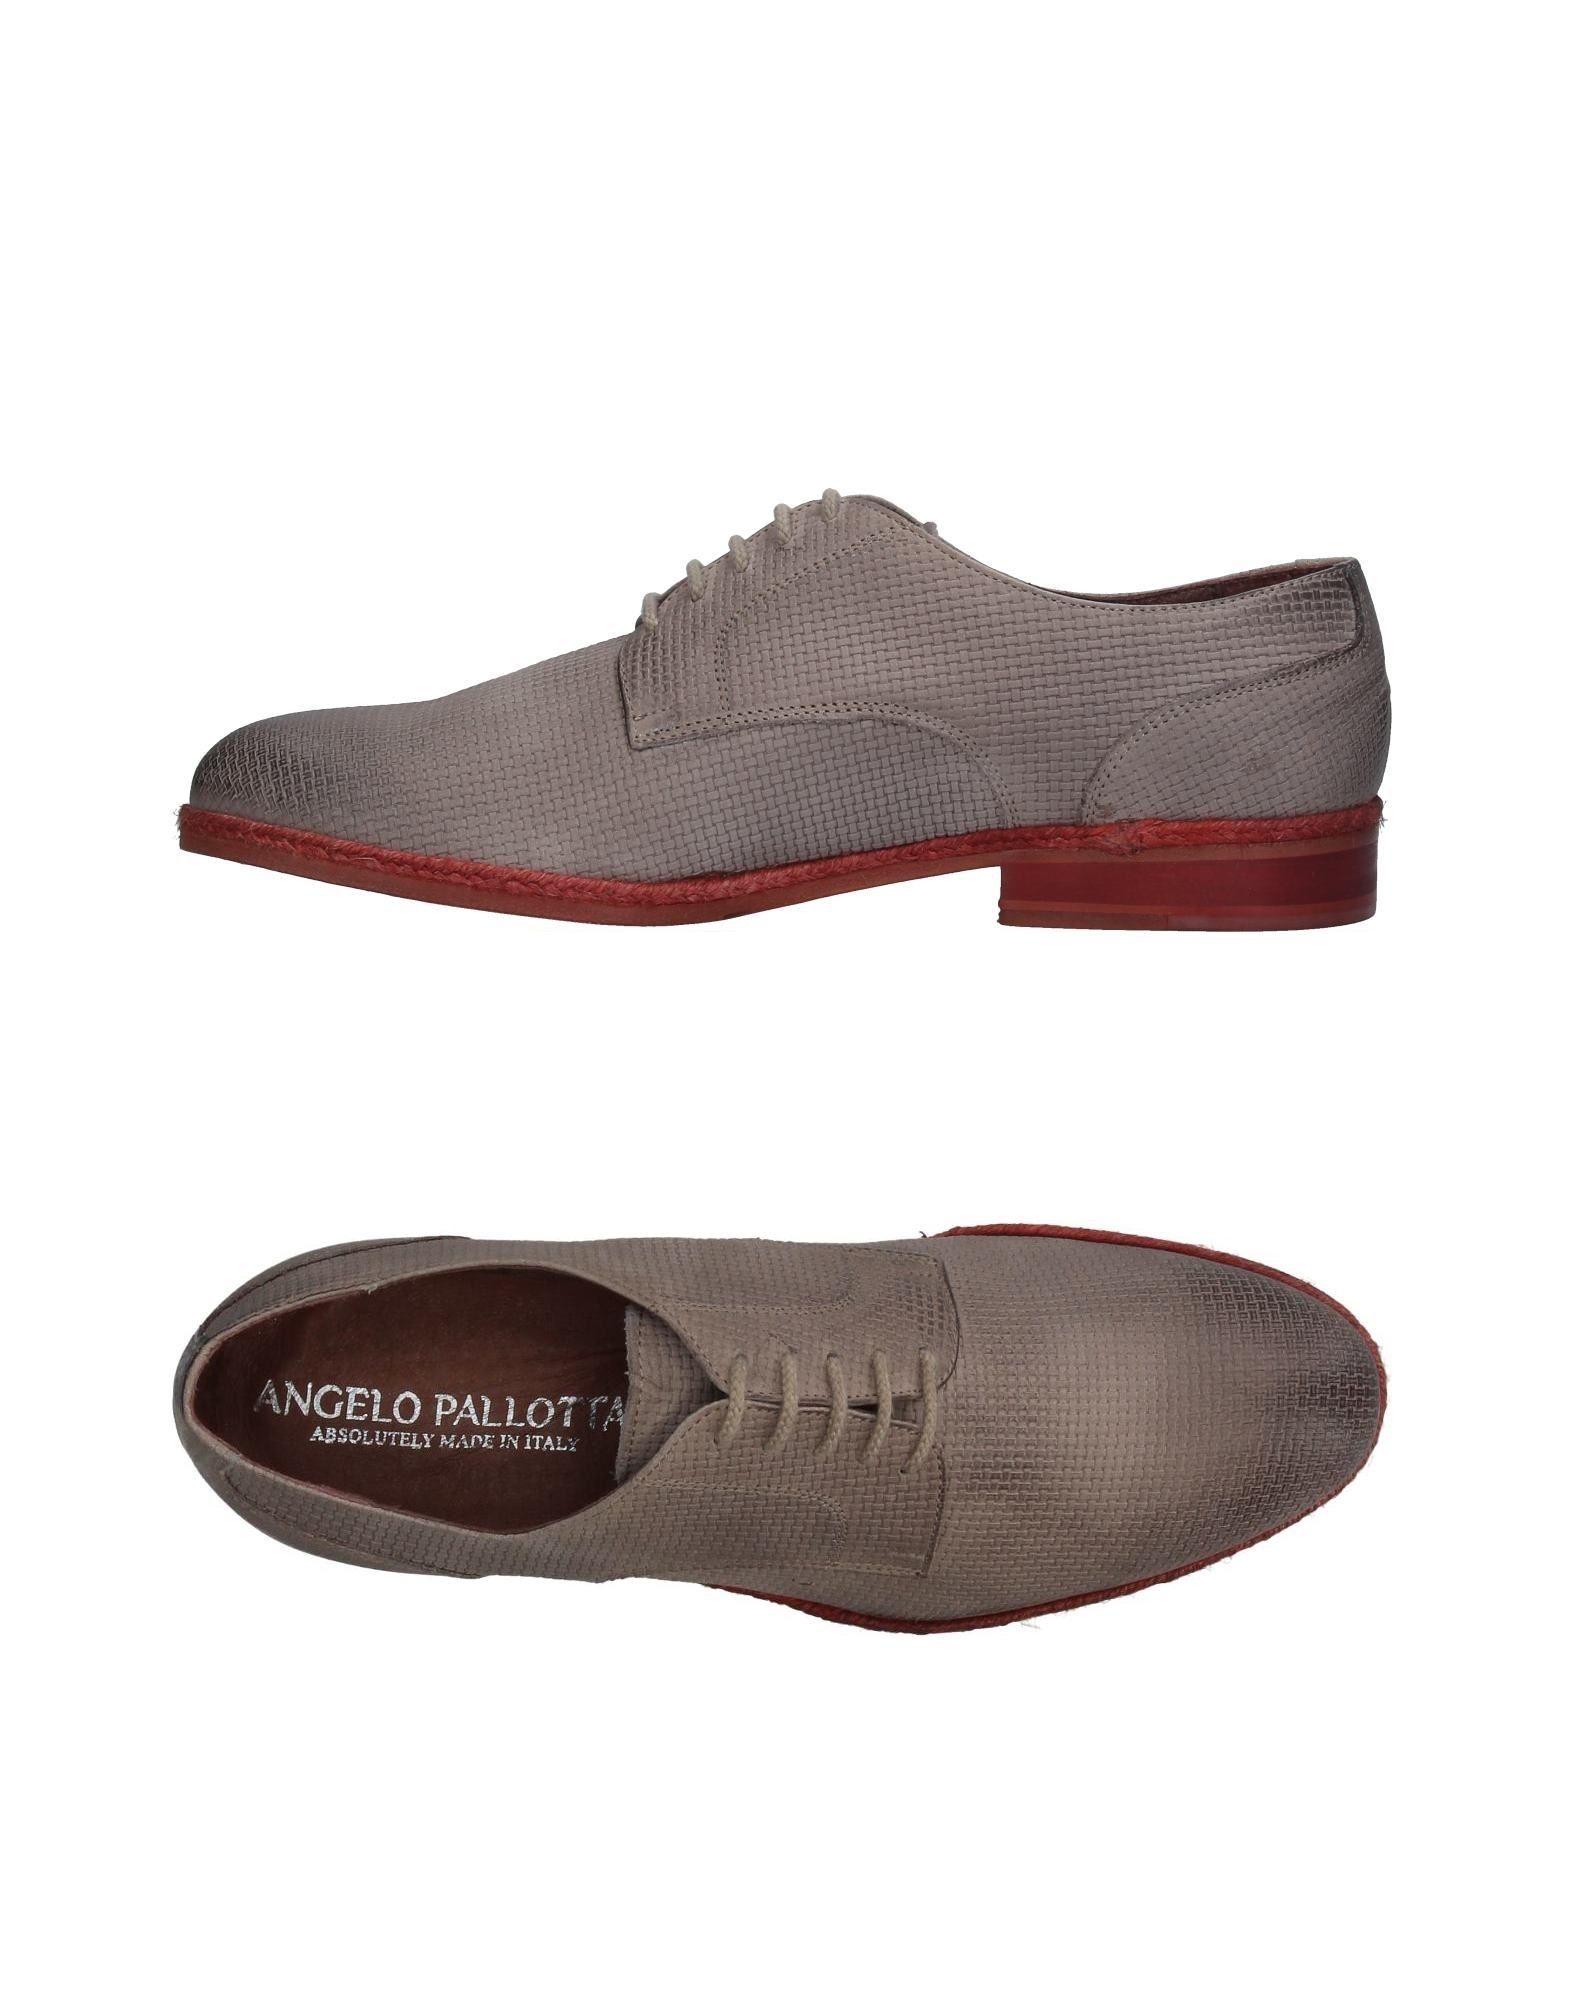 Фото ANGELO PALLOTTA Обувь на шнурках. Купить с доставкой